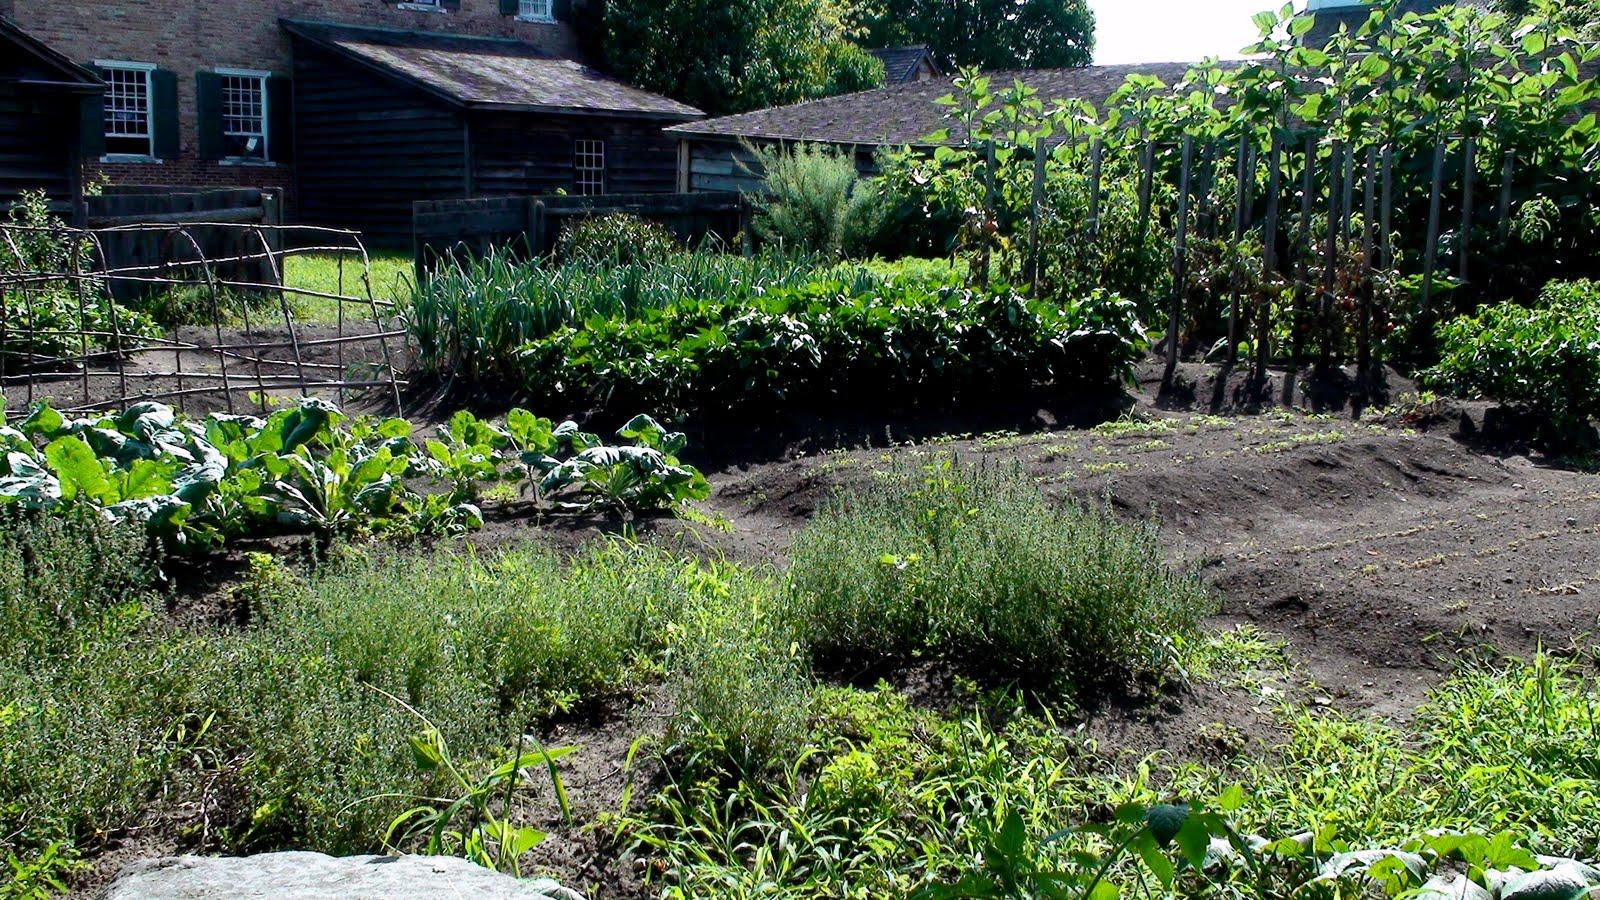 Garden at Upper Canada Village